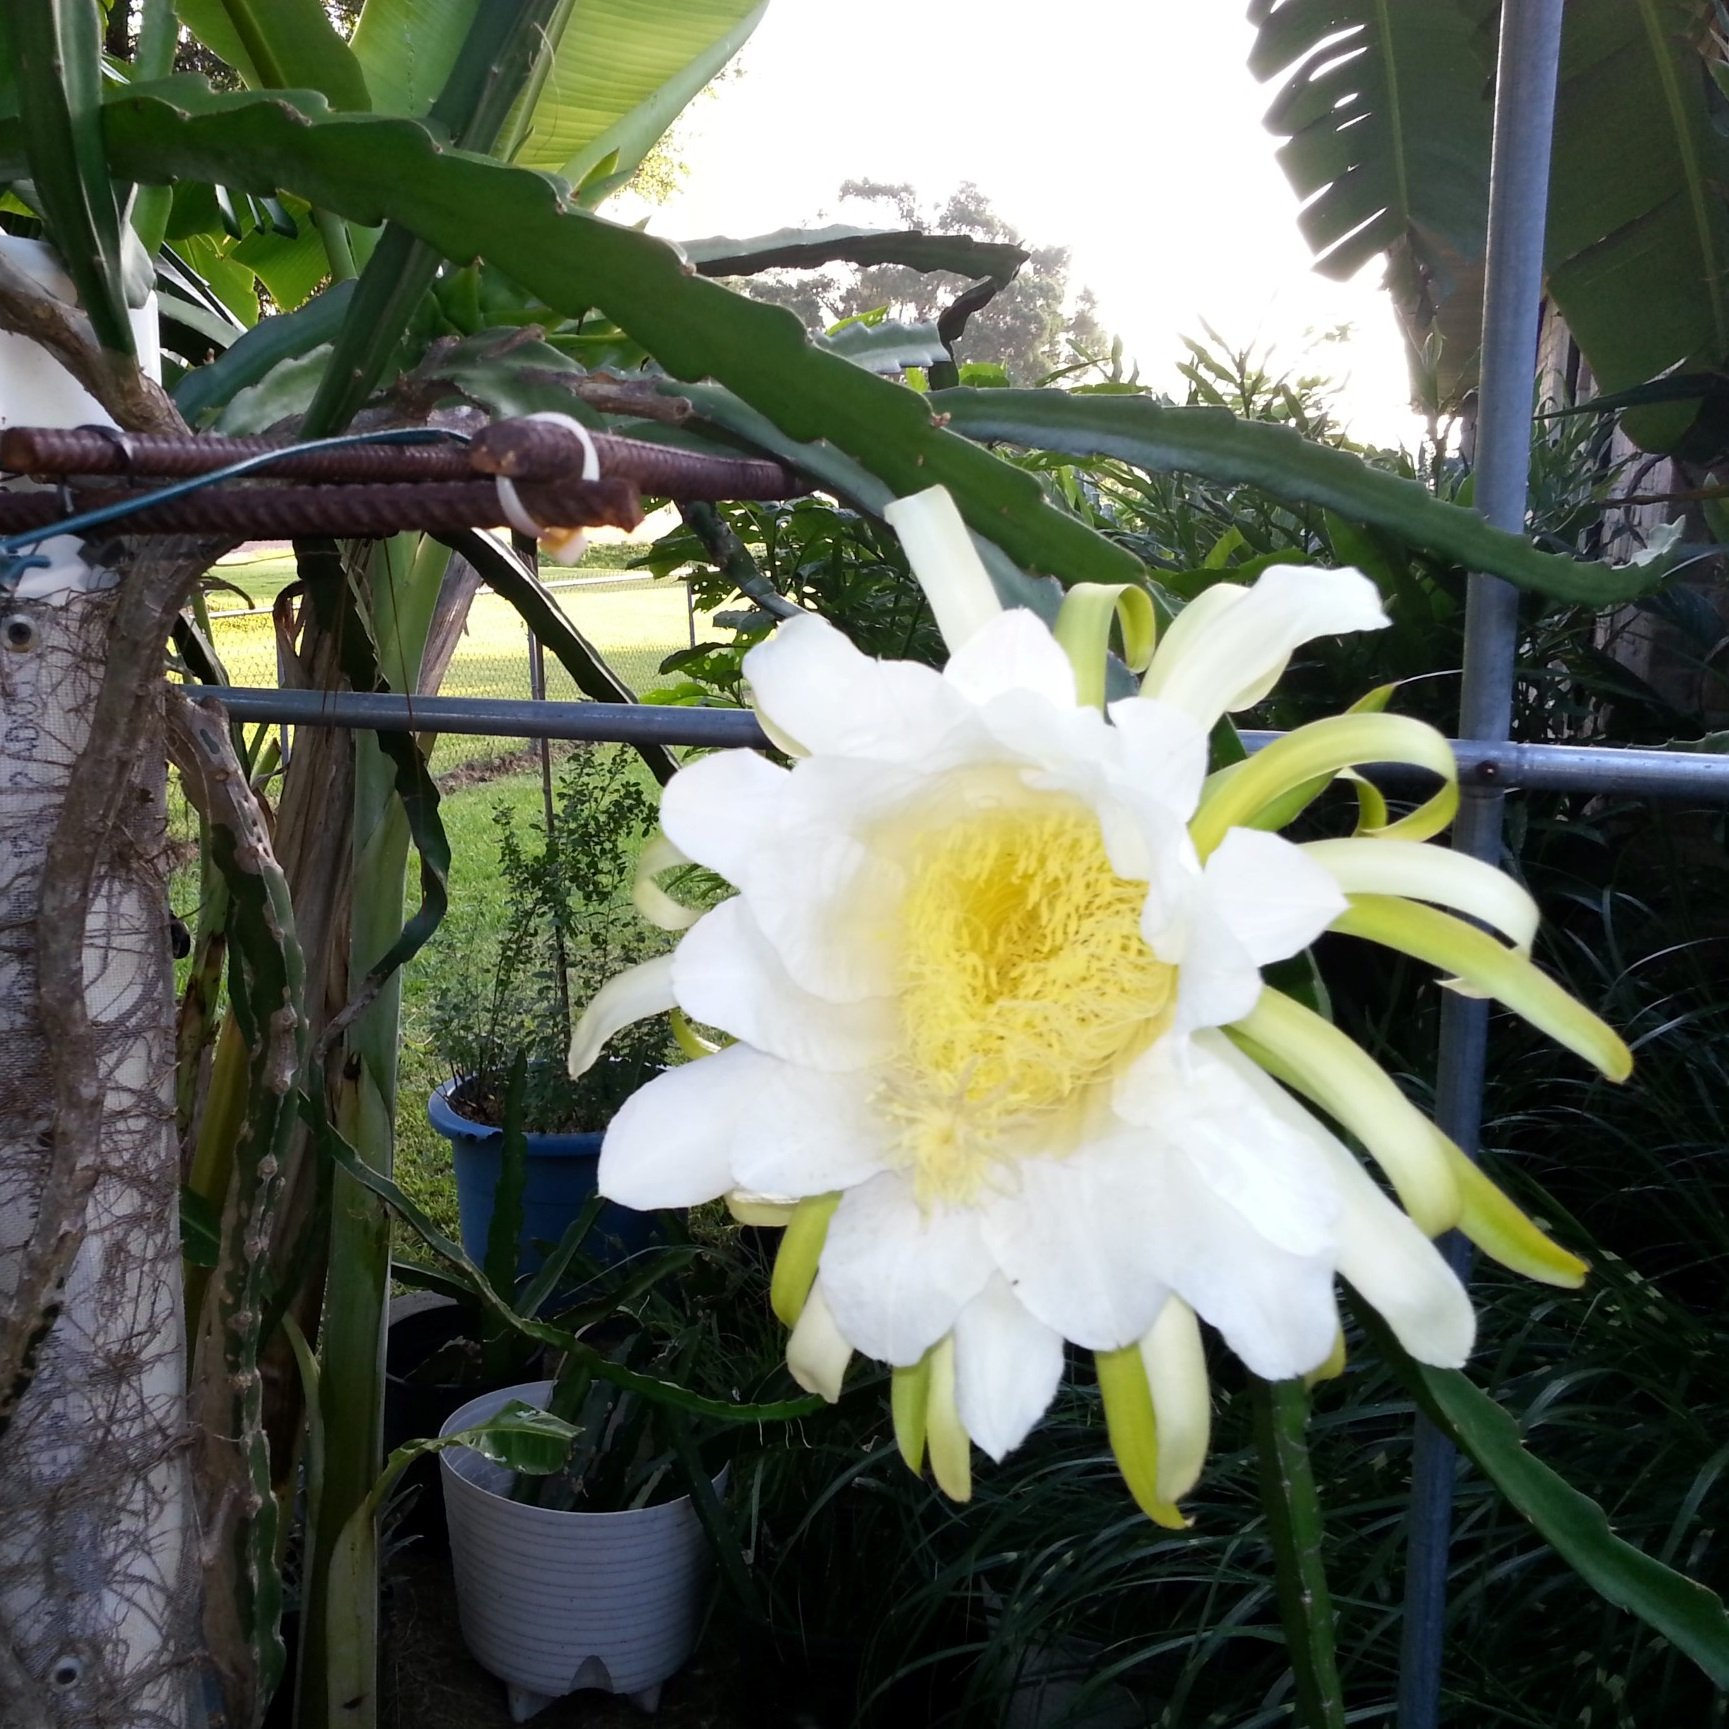 American Beauty Dragon Fruit flower